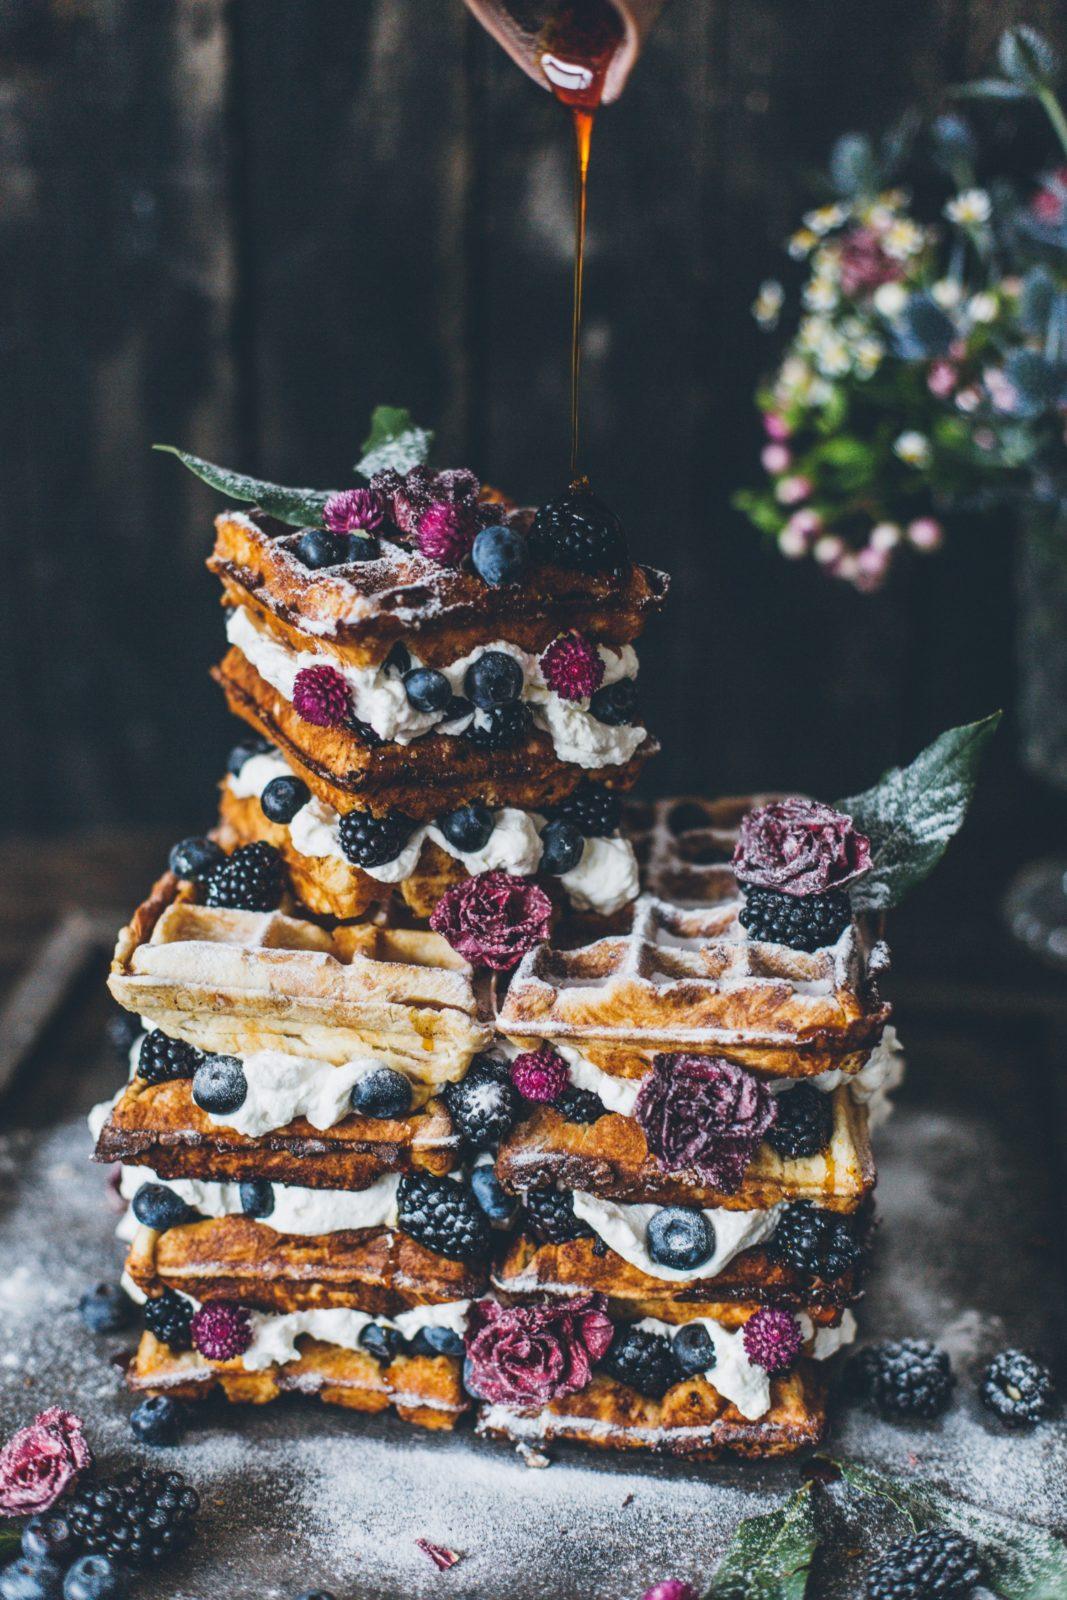 wafflecake_nakedcake- foodstyling_hochzeitstrend